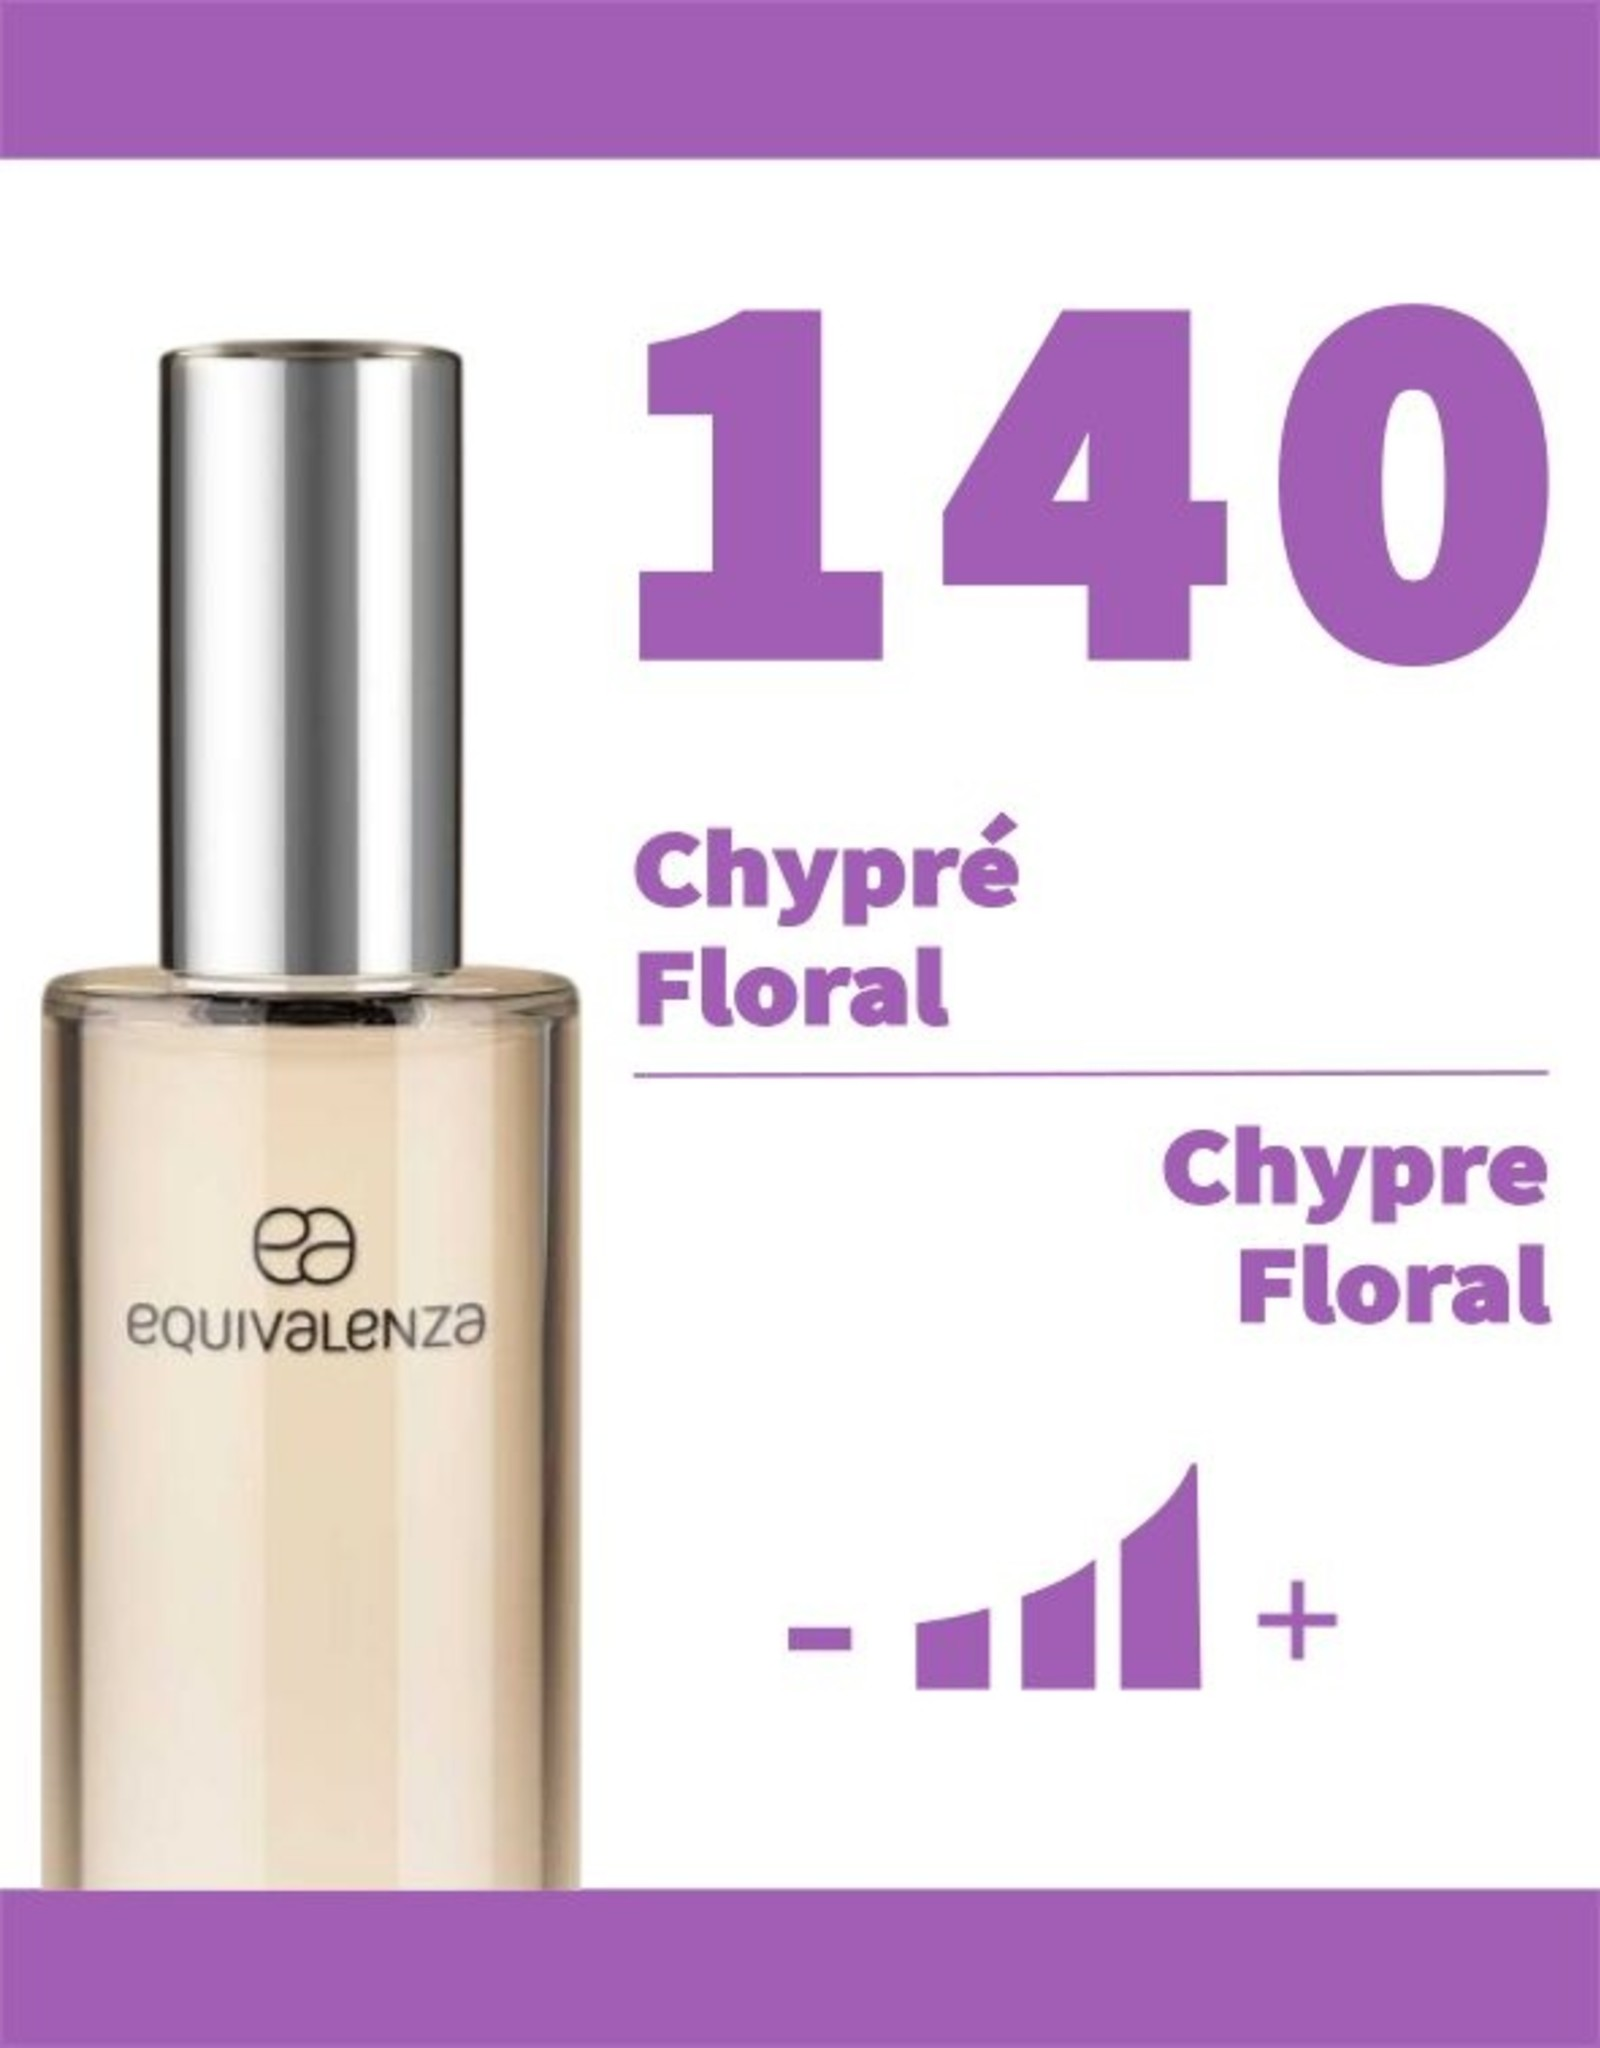 Equivalenza Eau de Parfum Chypre Floral 140